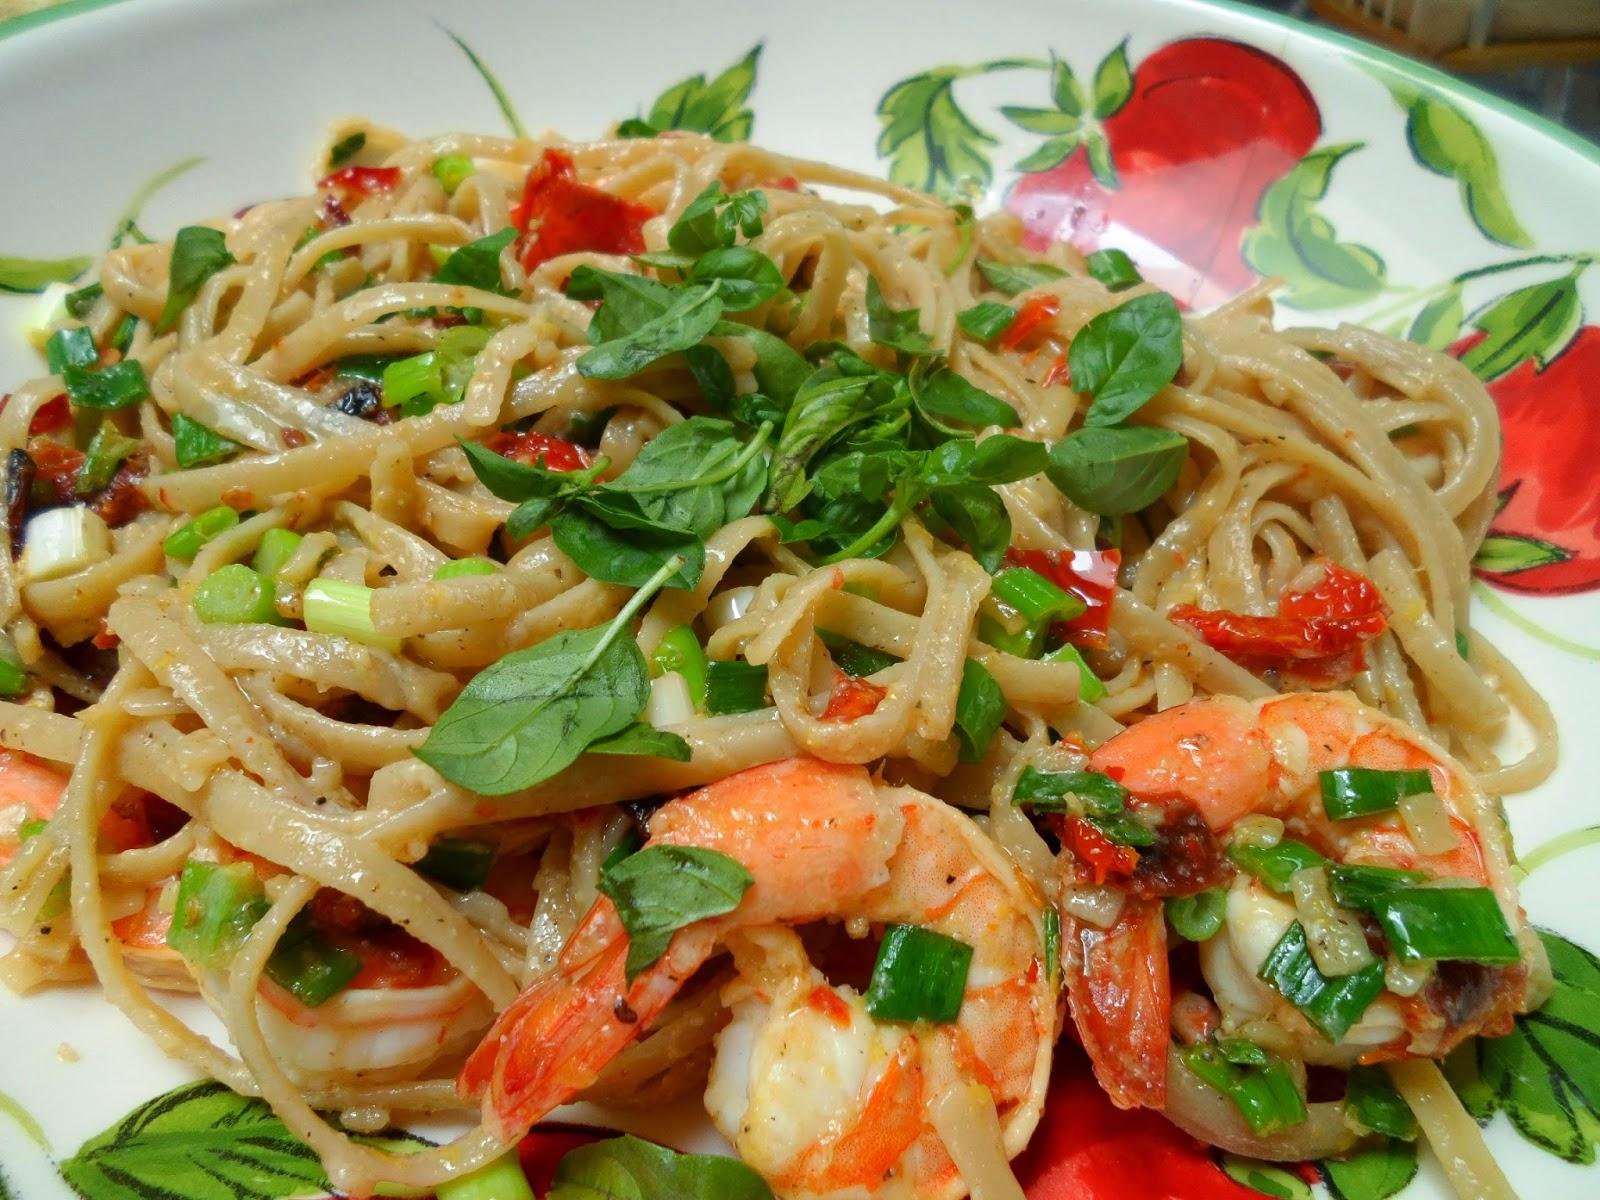 Savorychicks: Shrimp, Basil, Sun-dried Tomato with Pasta